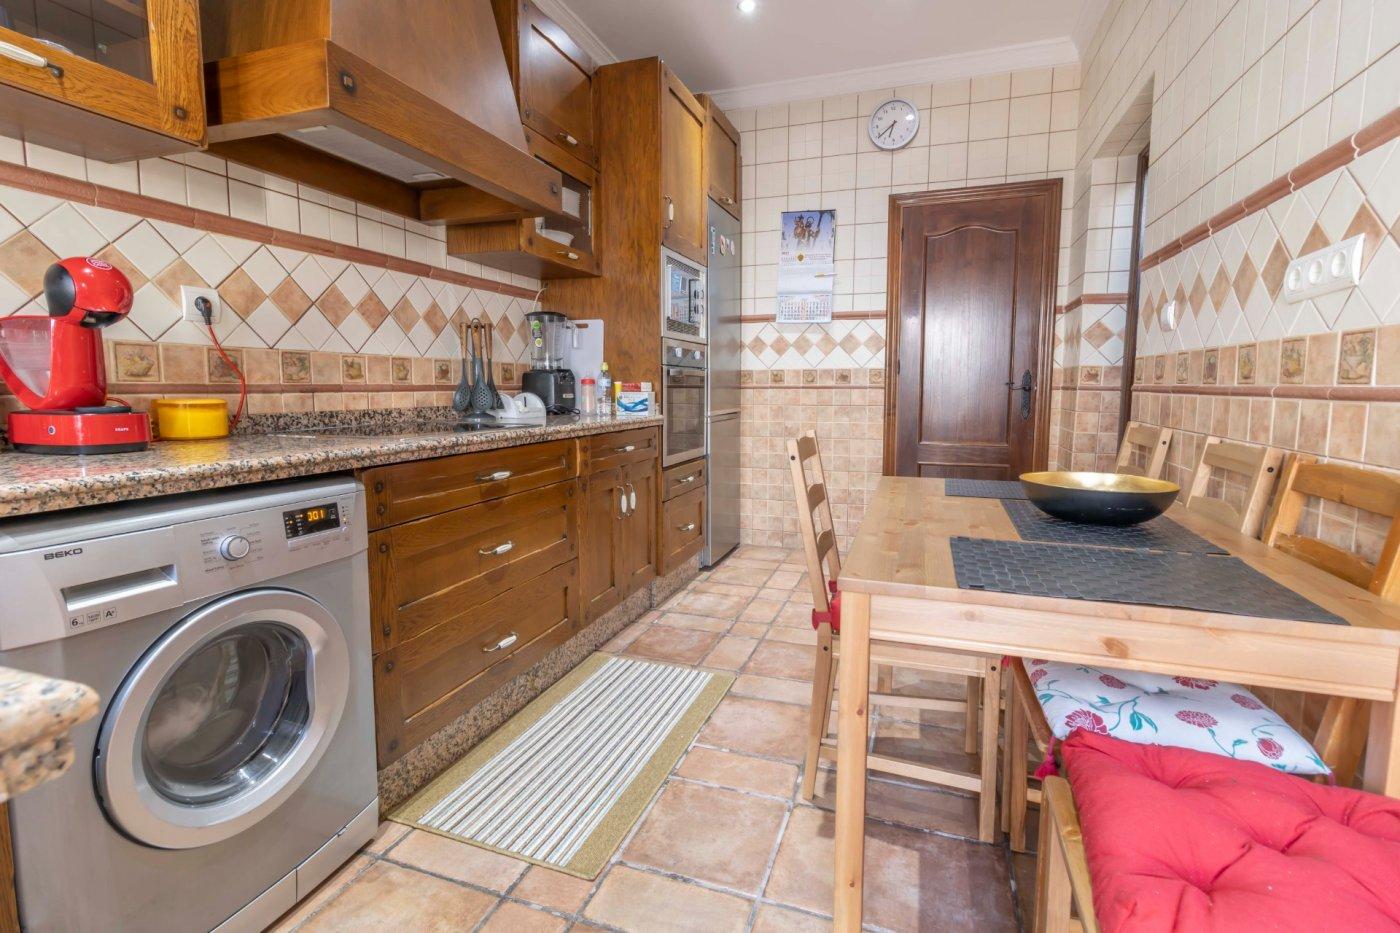 Casa a la venta en burguillos - imagenInmueble23